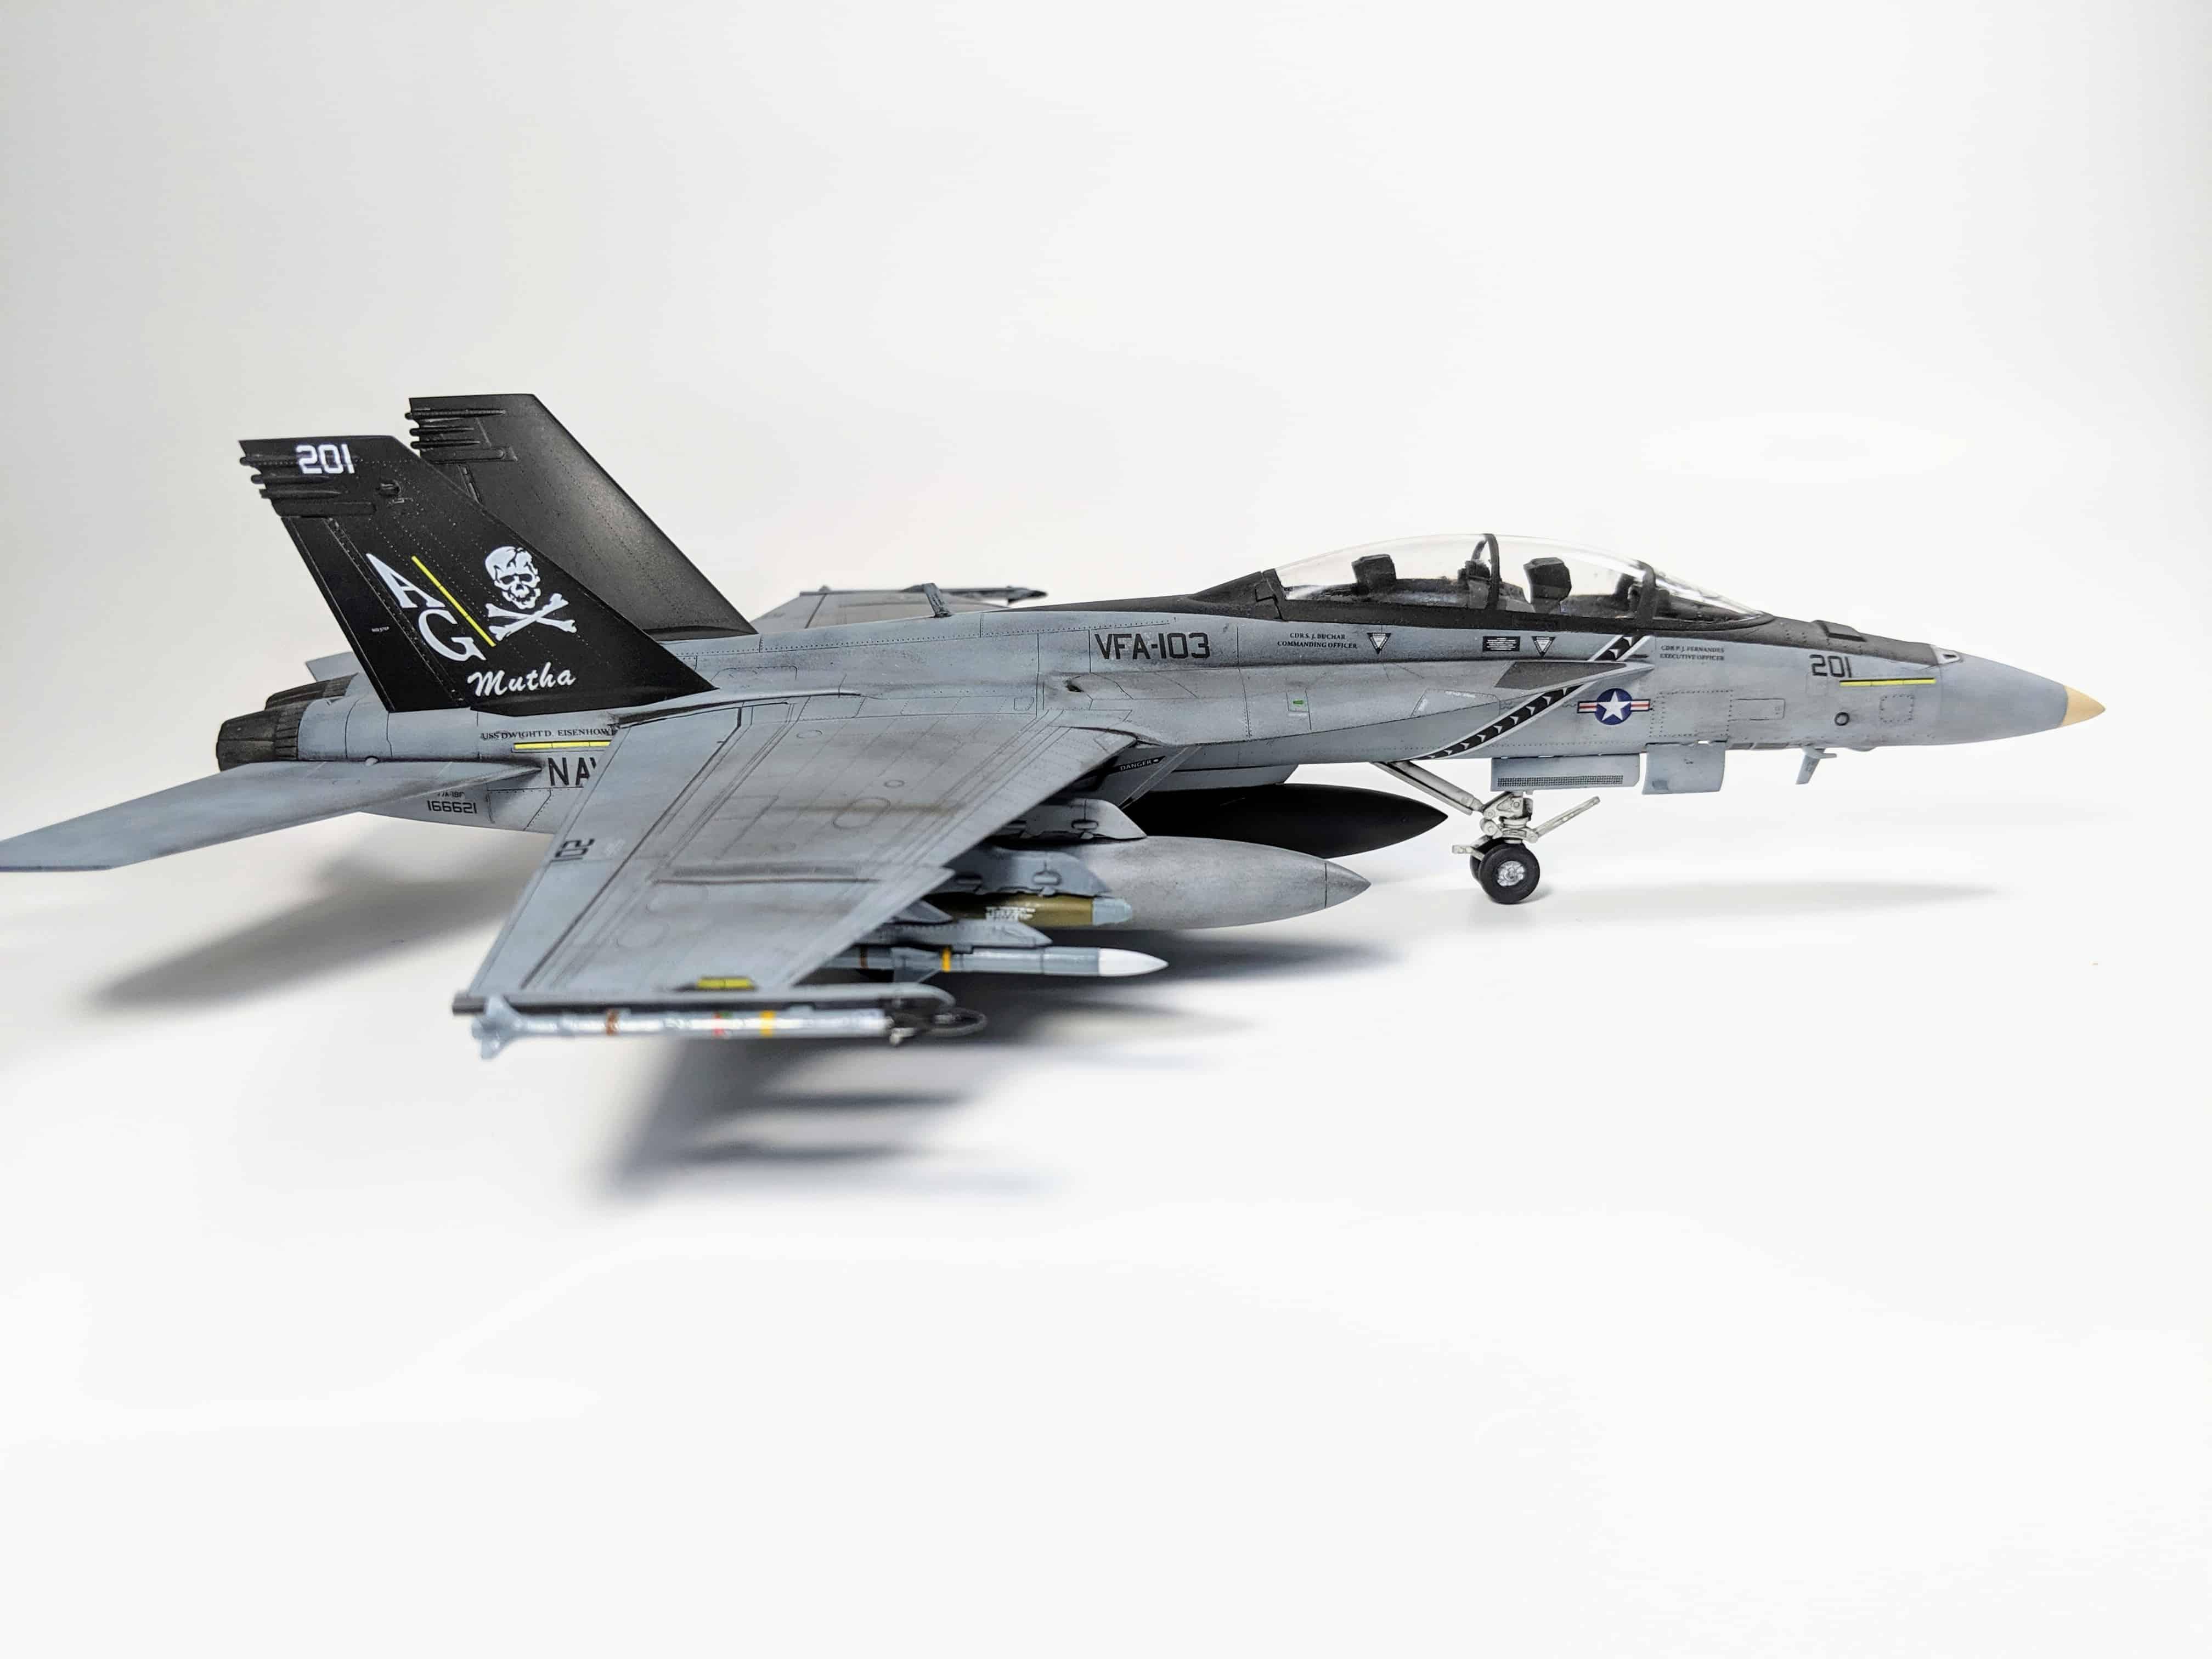 Academy F/A-18F Super Hornet